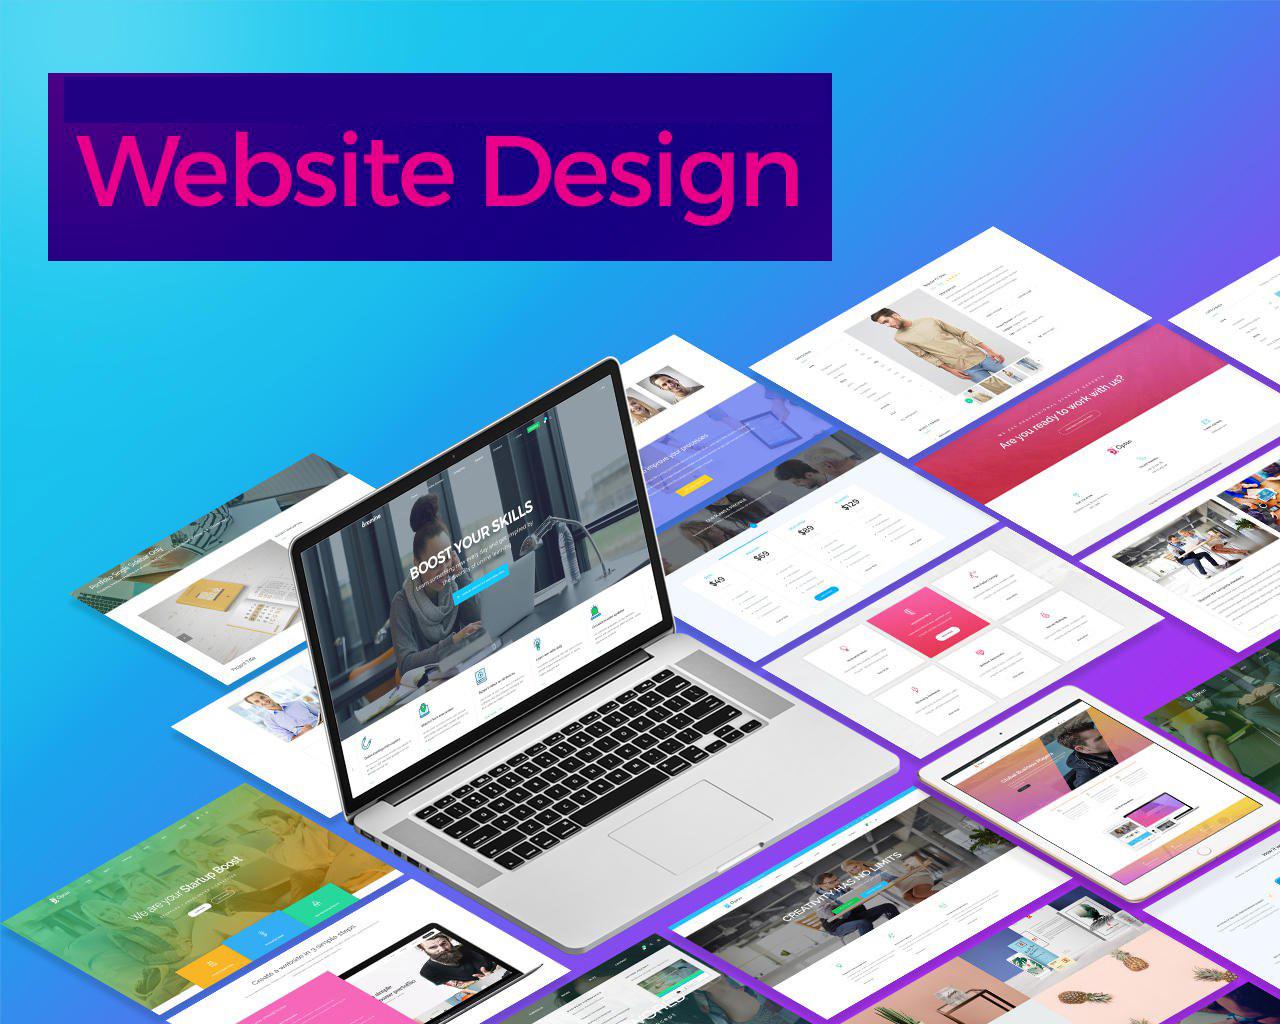 أفضل 10 عناصر لتصميم موقع ويب فعال